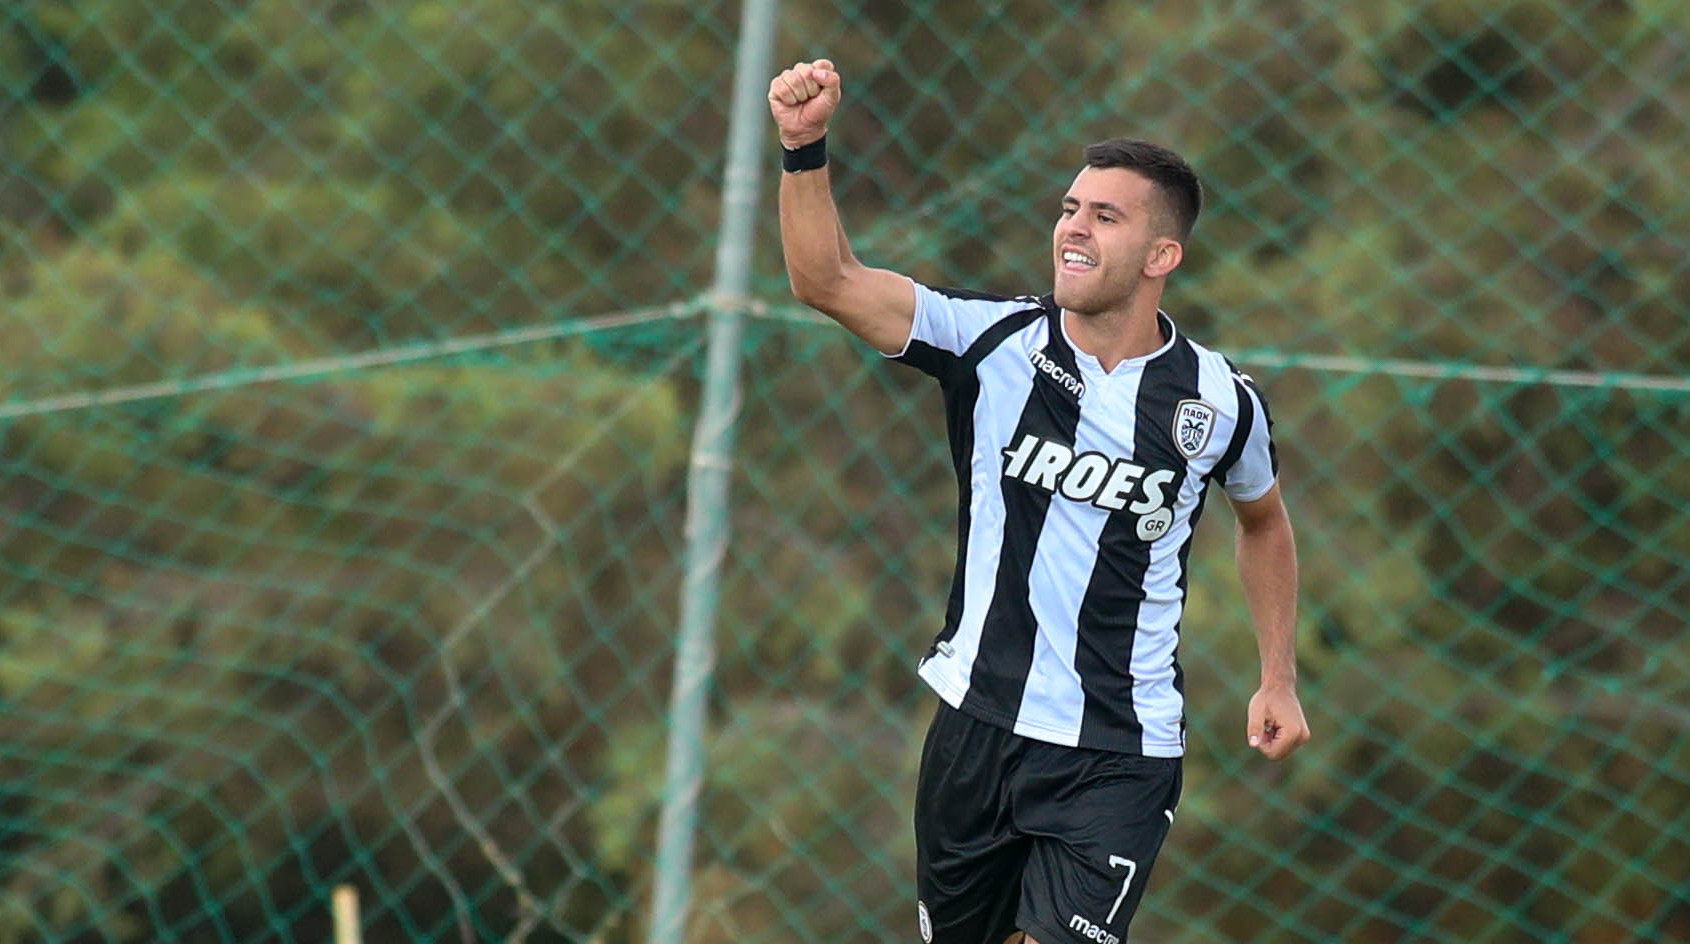 PAOK U19 – Panathinaikos U19: Highlights